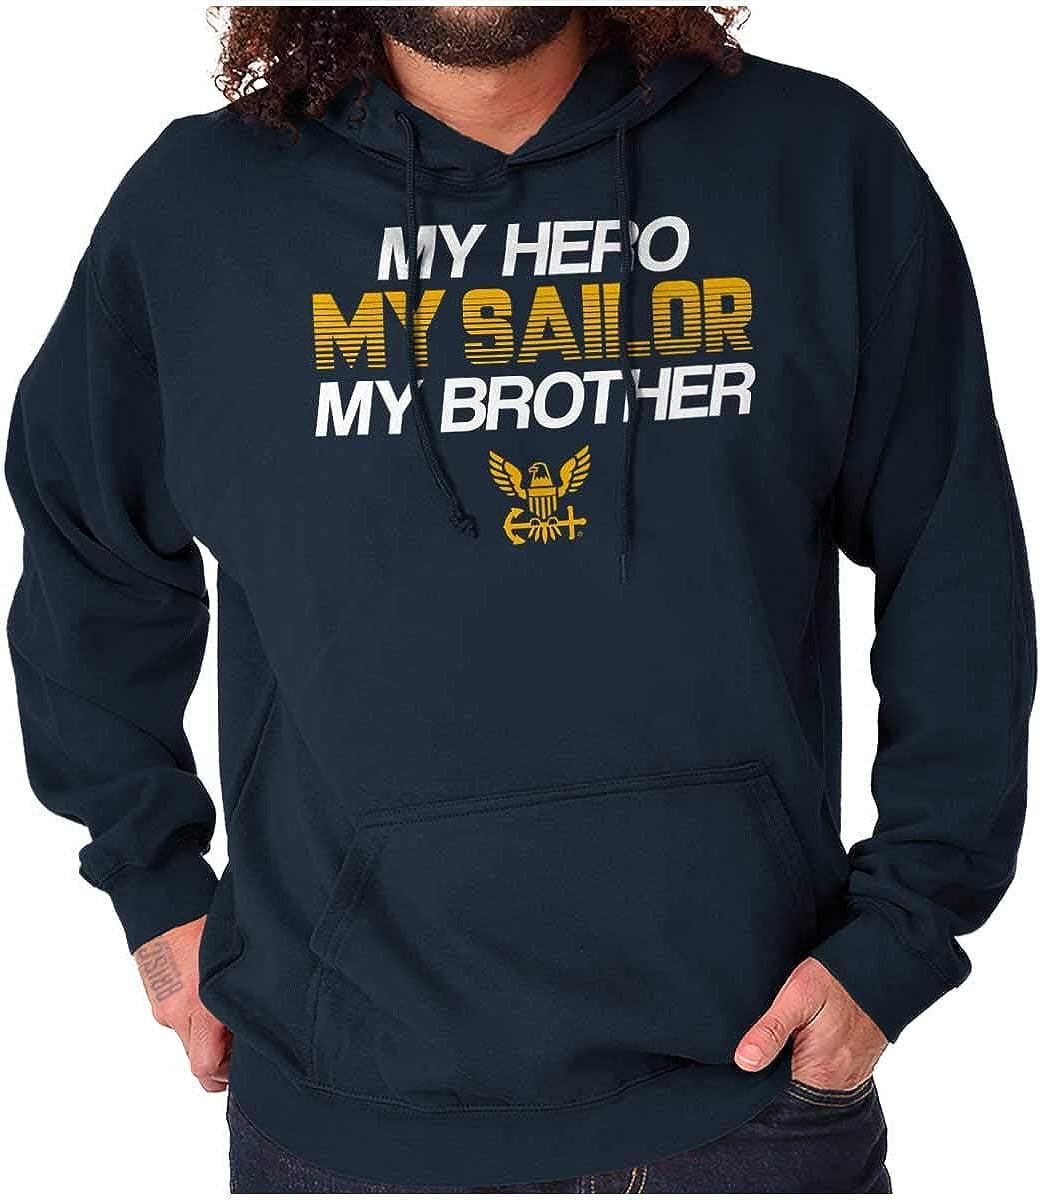 My Hero Max 78% OFF Sailor Brother Navy Sweatshirt Hoodie Men Women Albuquerque Mall Sibling